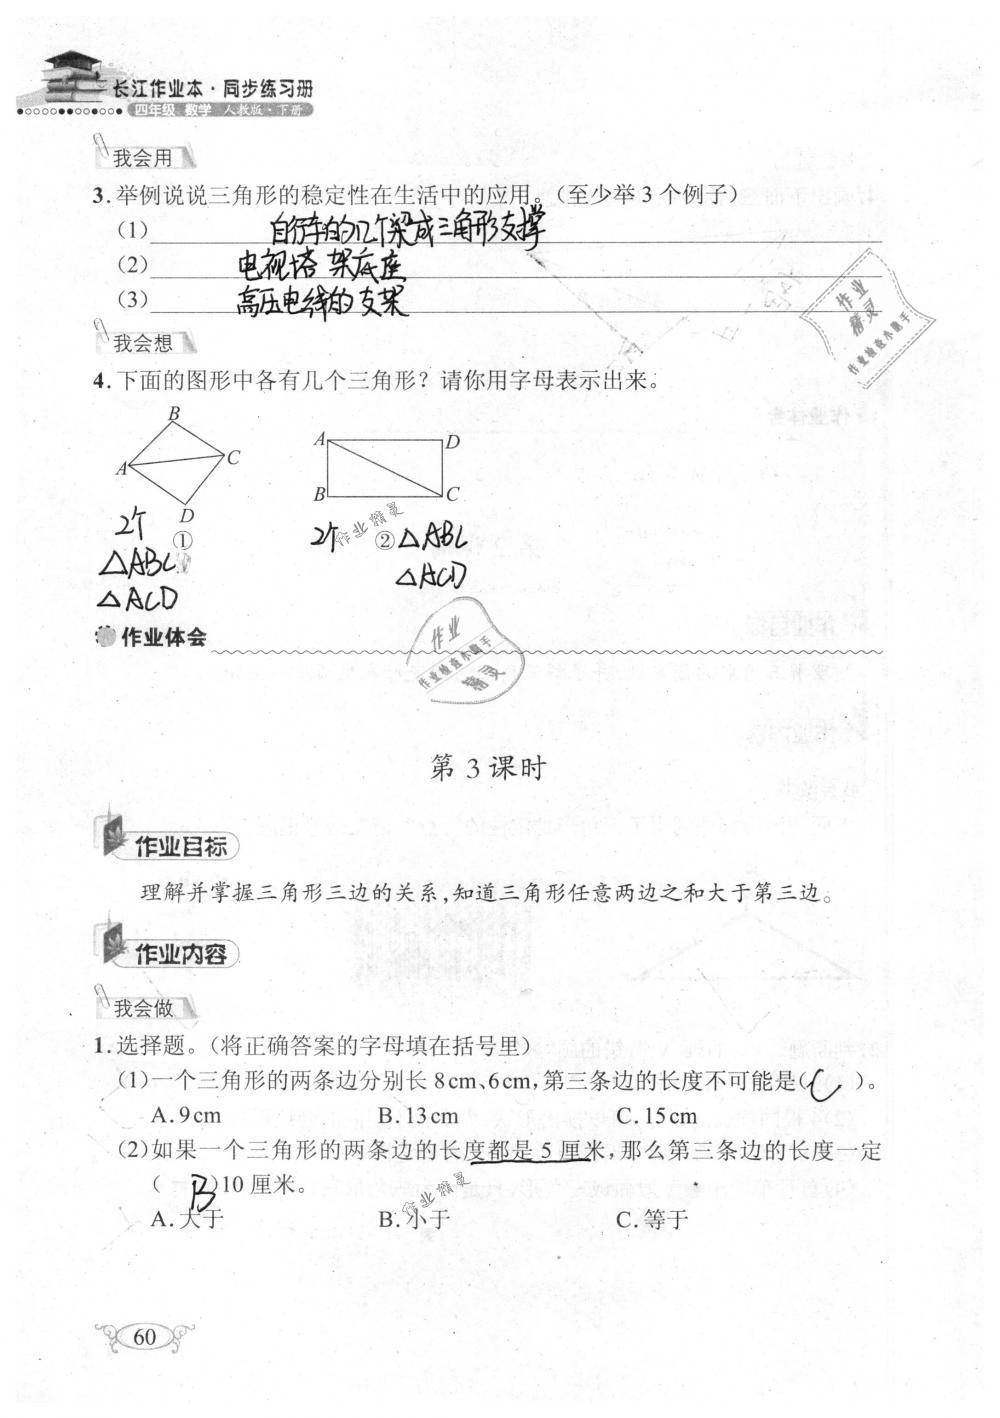 2019年长江作业本同步练习册四年级数学下册人教版参考答案第60页